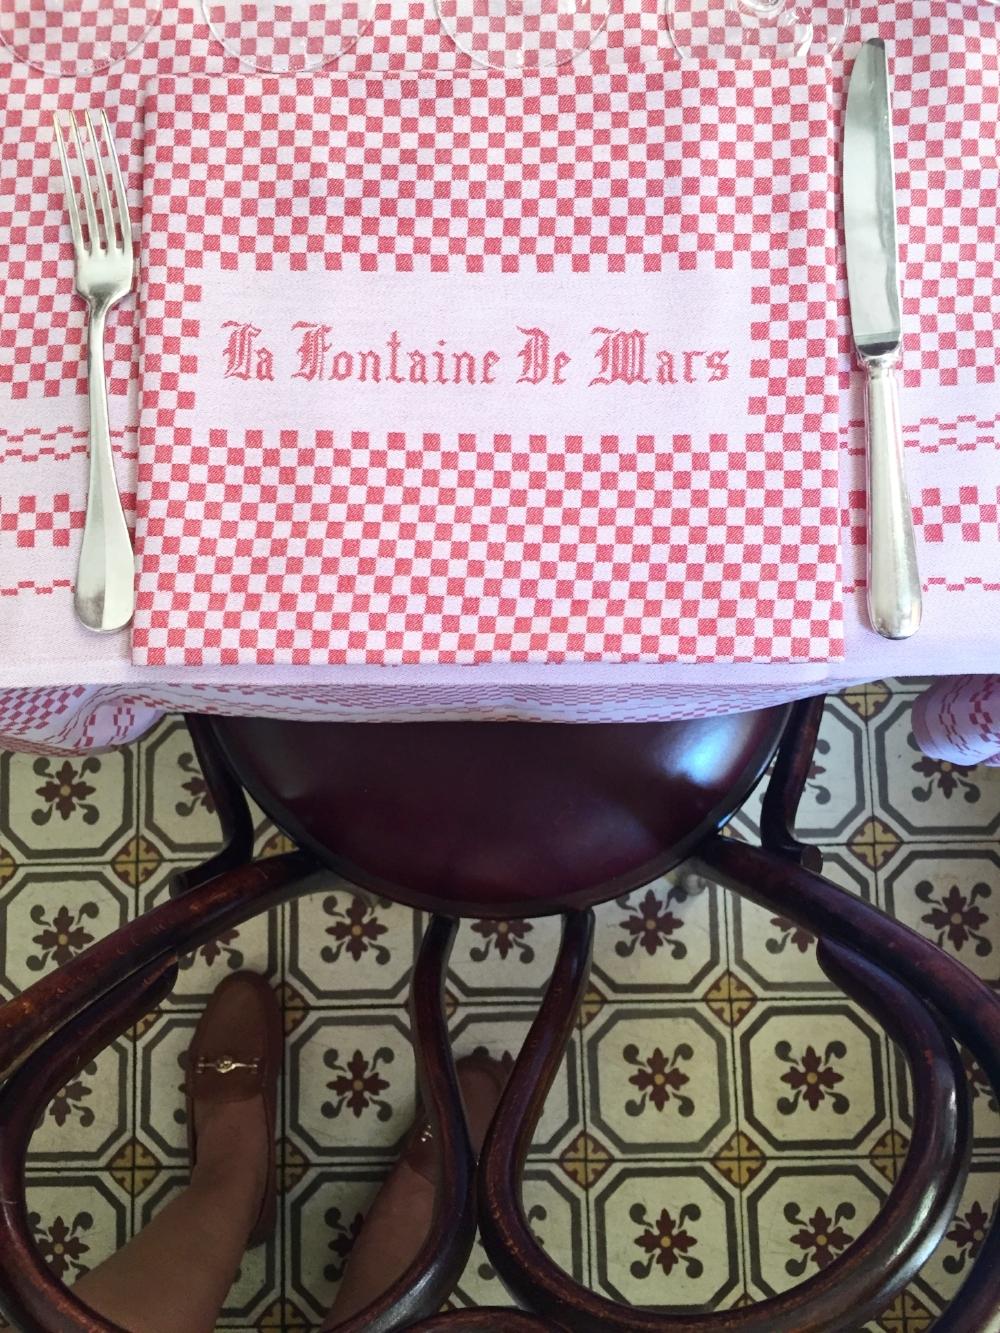 ParisLaFontainedeMars.jpg